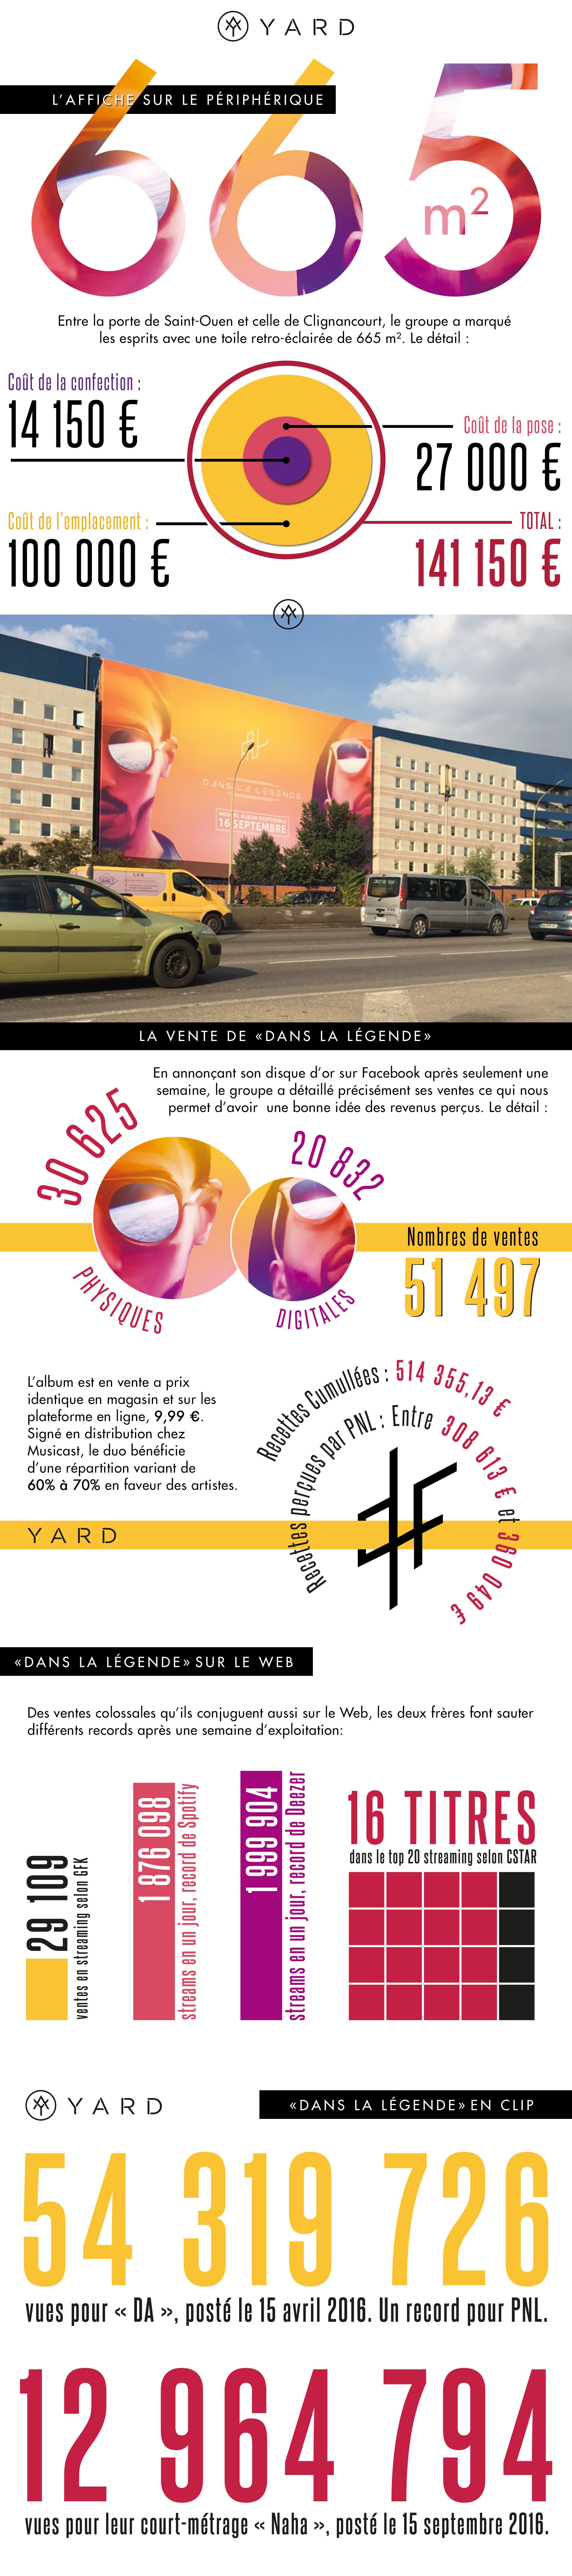 pnl-infographie-2